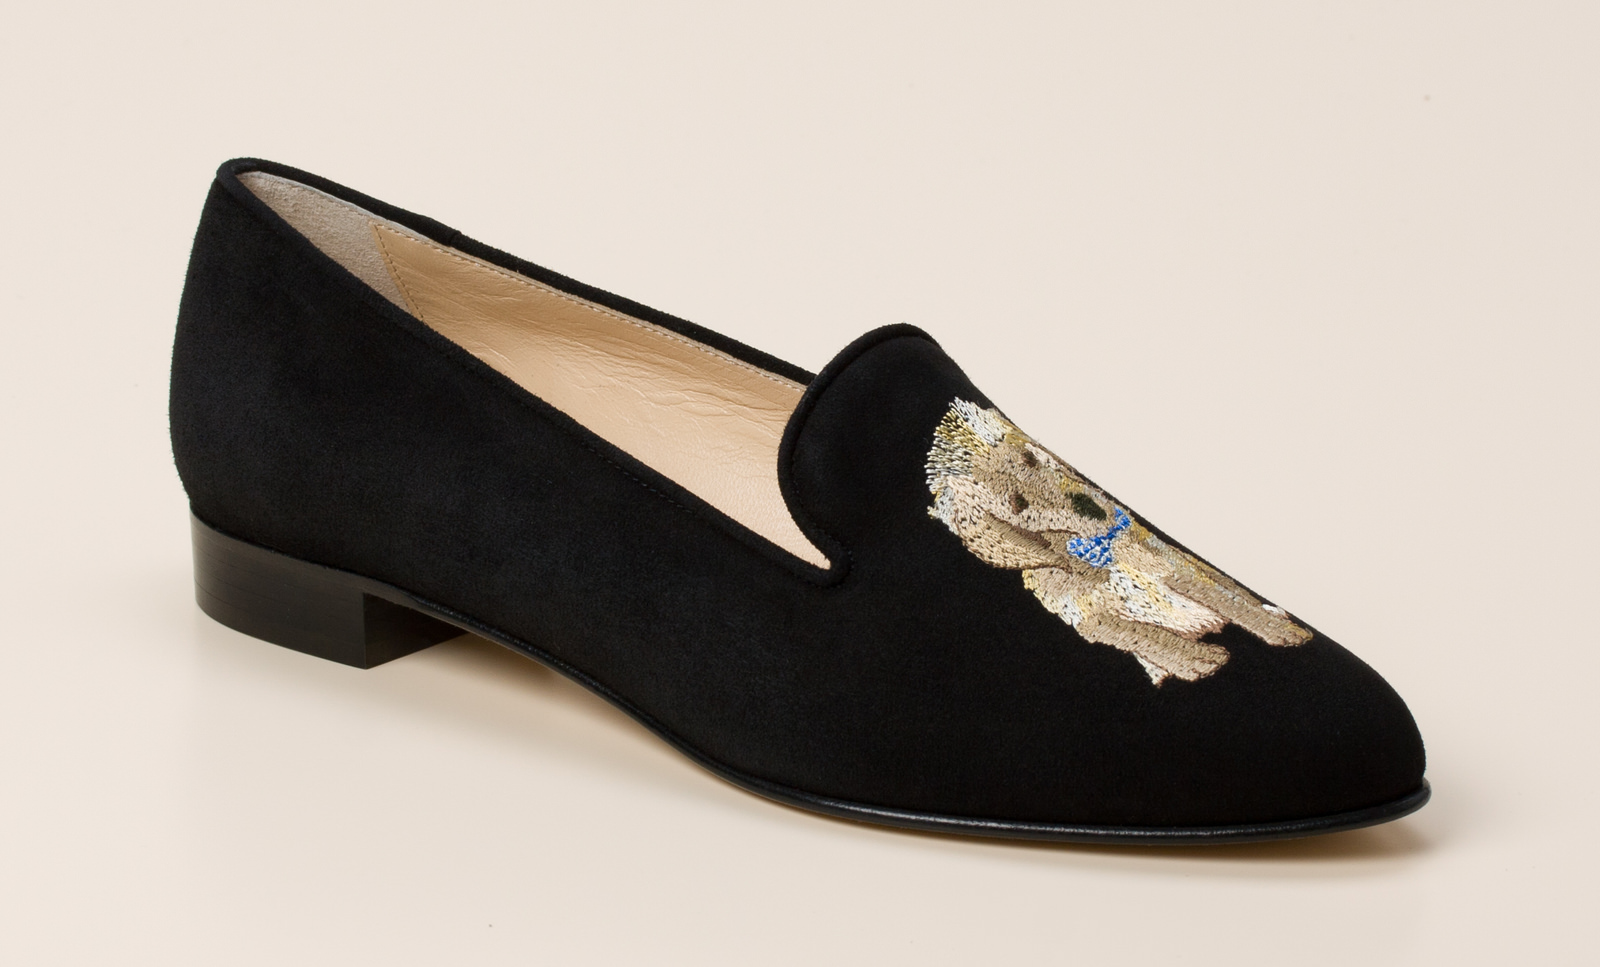 a0132b256556 Konstantin Starke Damen Slipper in schwarz kaufen   Zumnorde Online-Shop